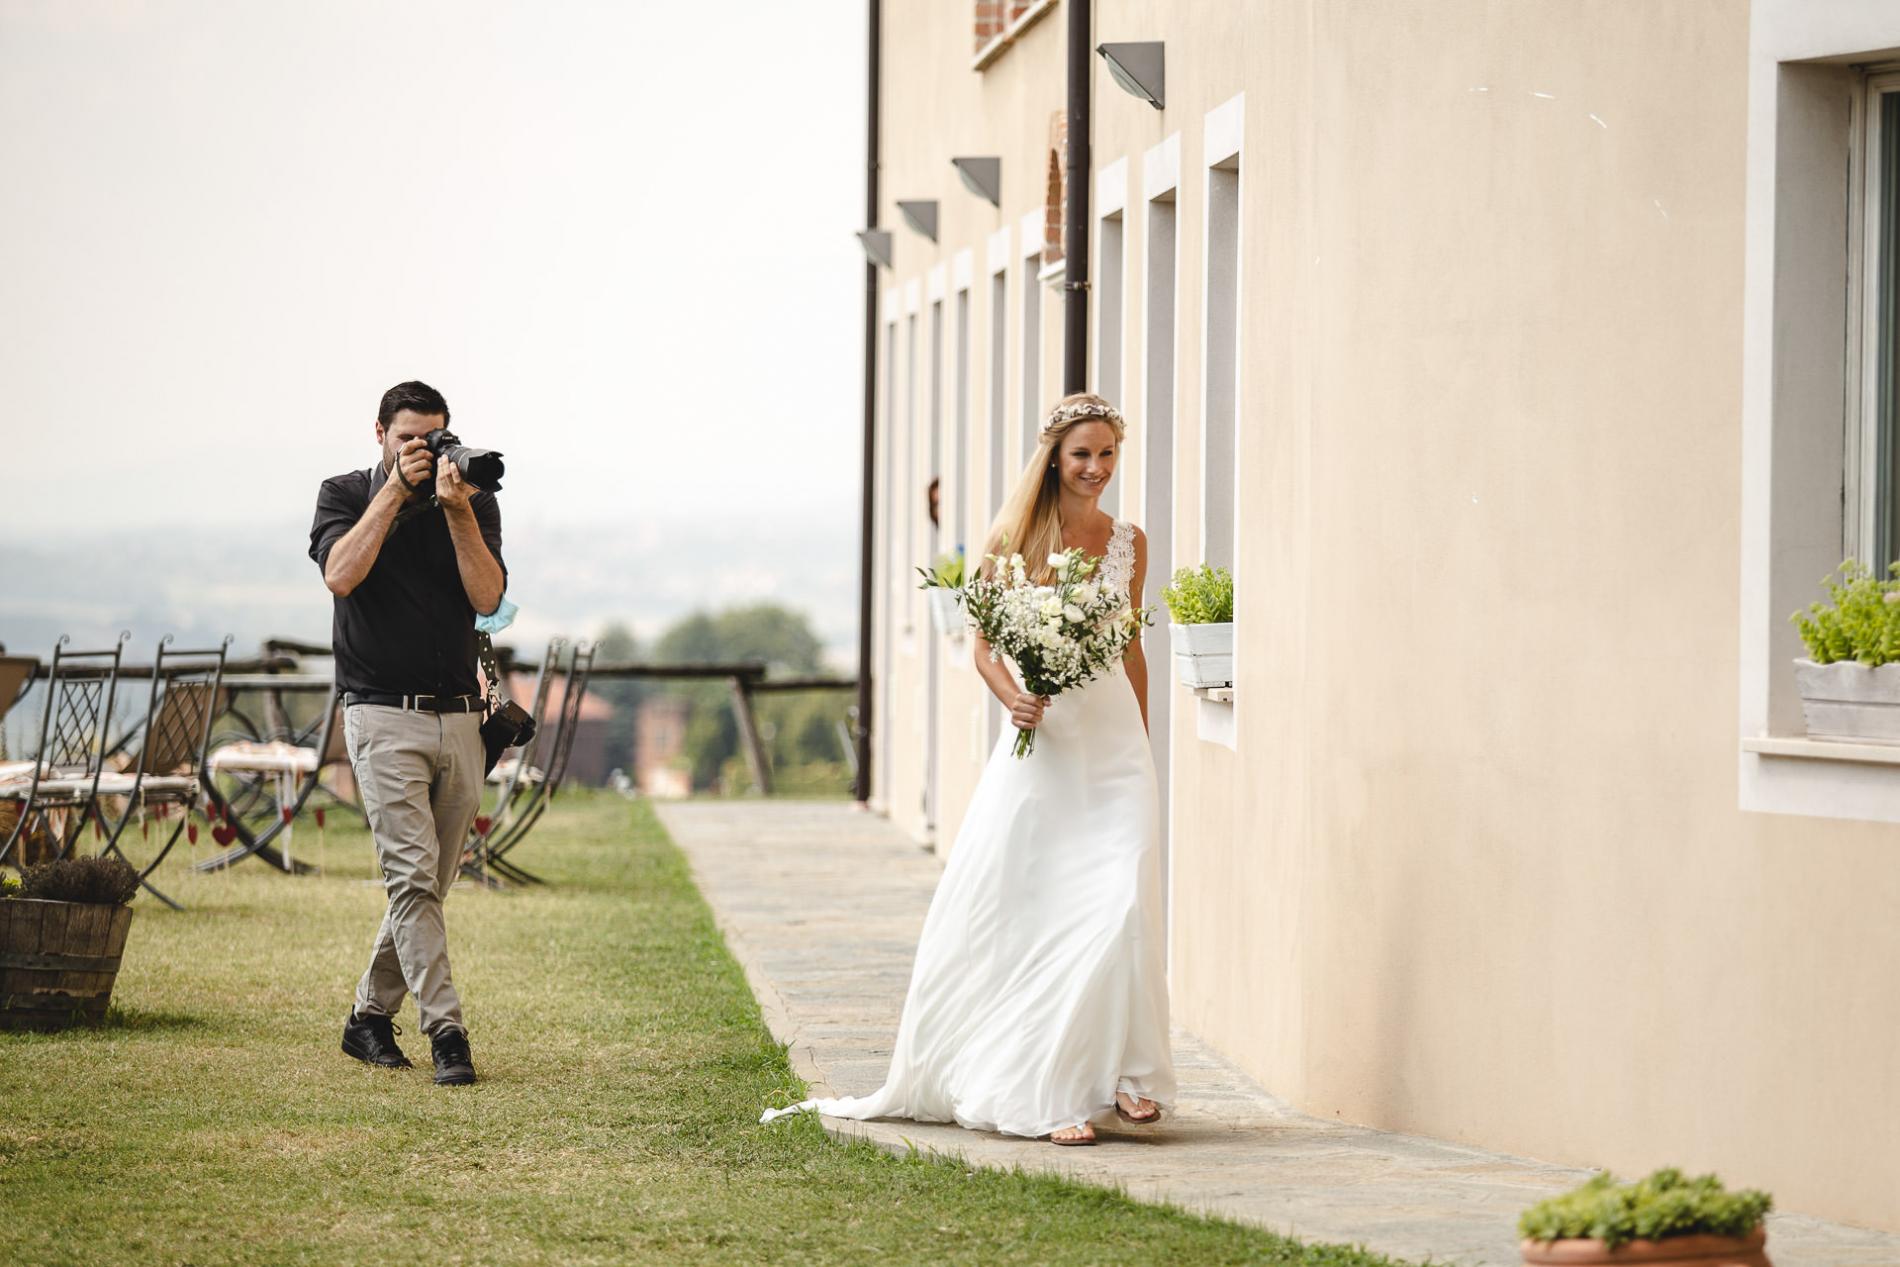 De huwelijksfotograaf van Verbania Verbano-Cusio-Ossola maakt foto's van de bruid die op de locatie loopt.